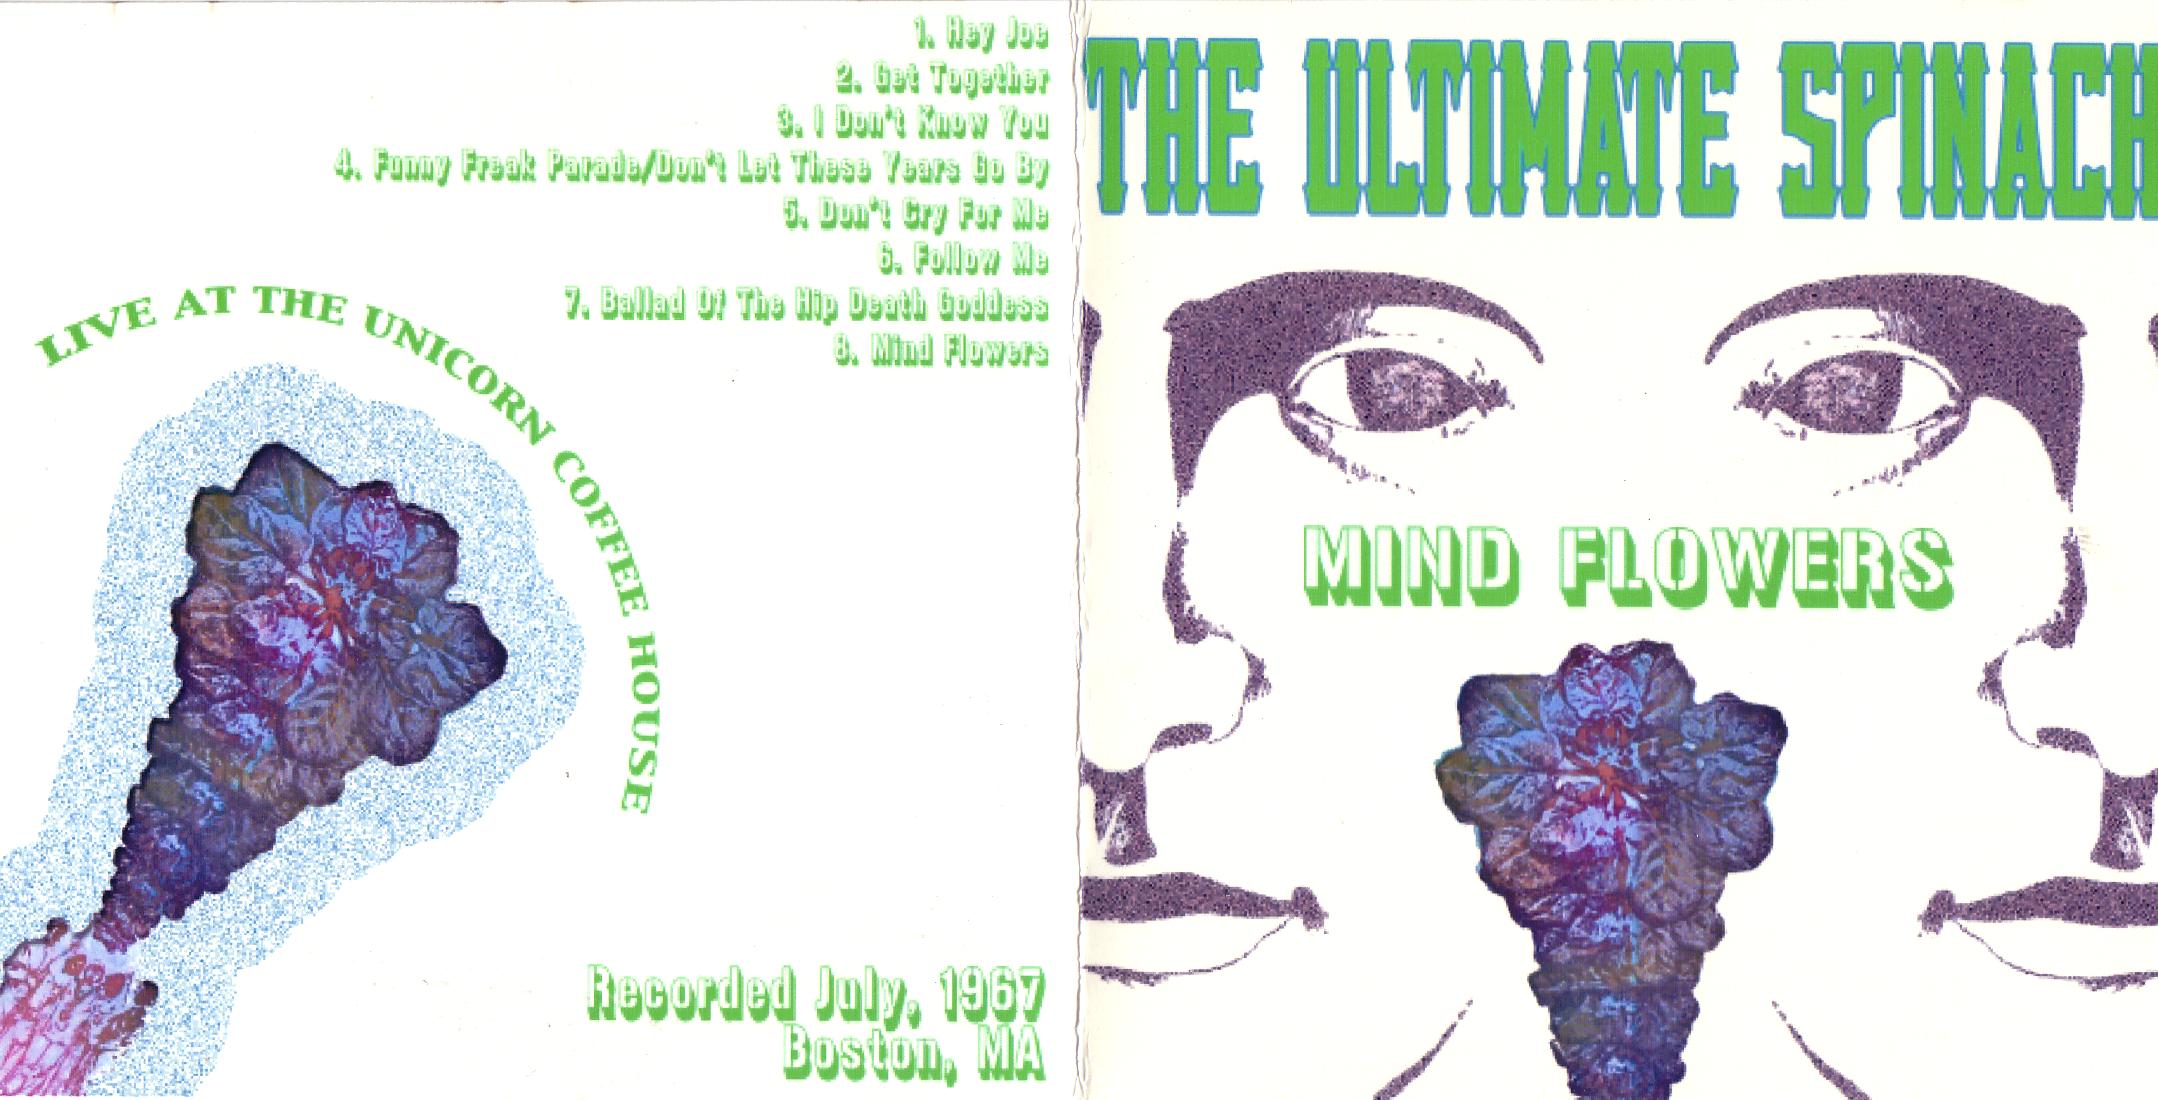 UltimateSpinach1967-07UnicornCoffeeHouseBostonMA.png